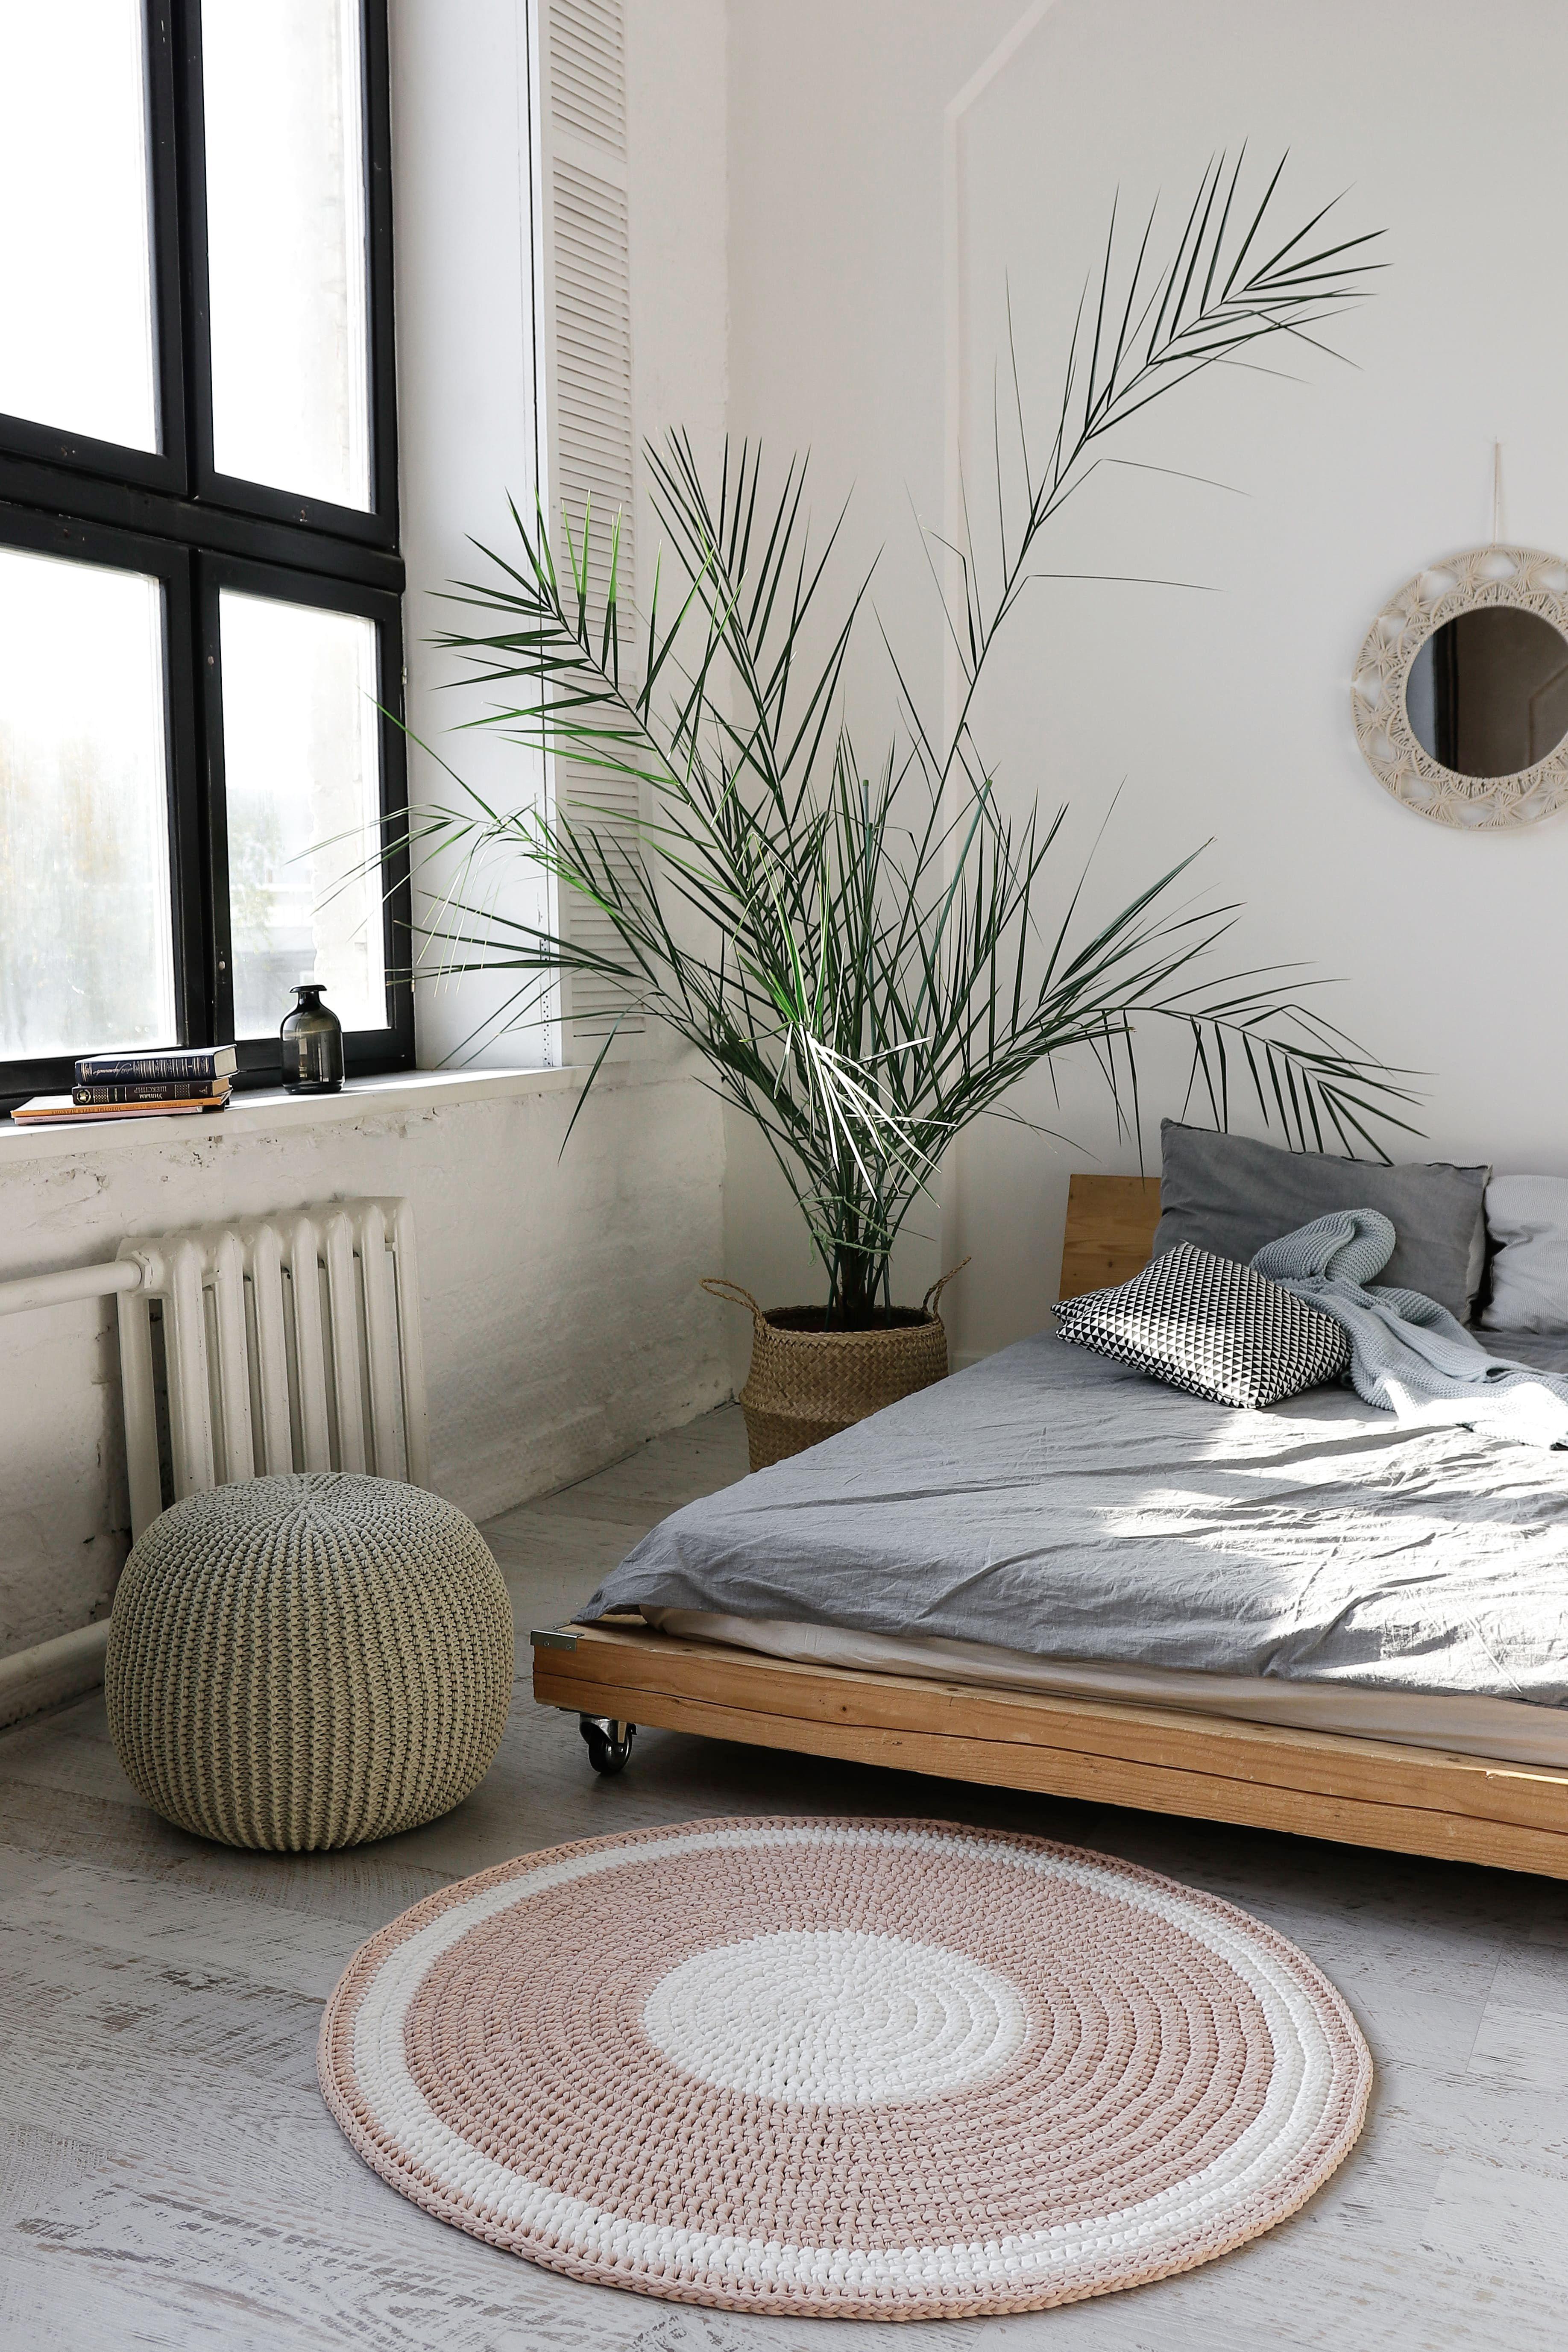 Round Rug In Scandinavian Style Details 100 Cotton Hand